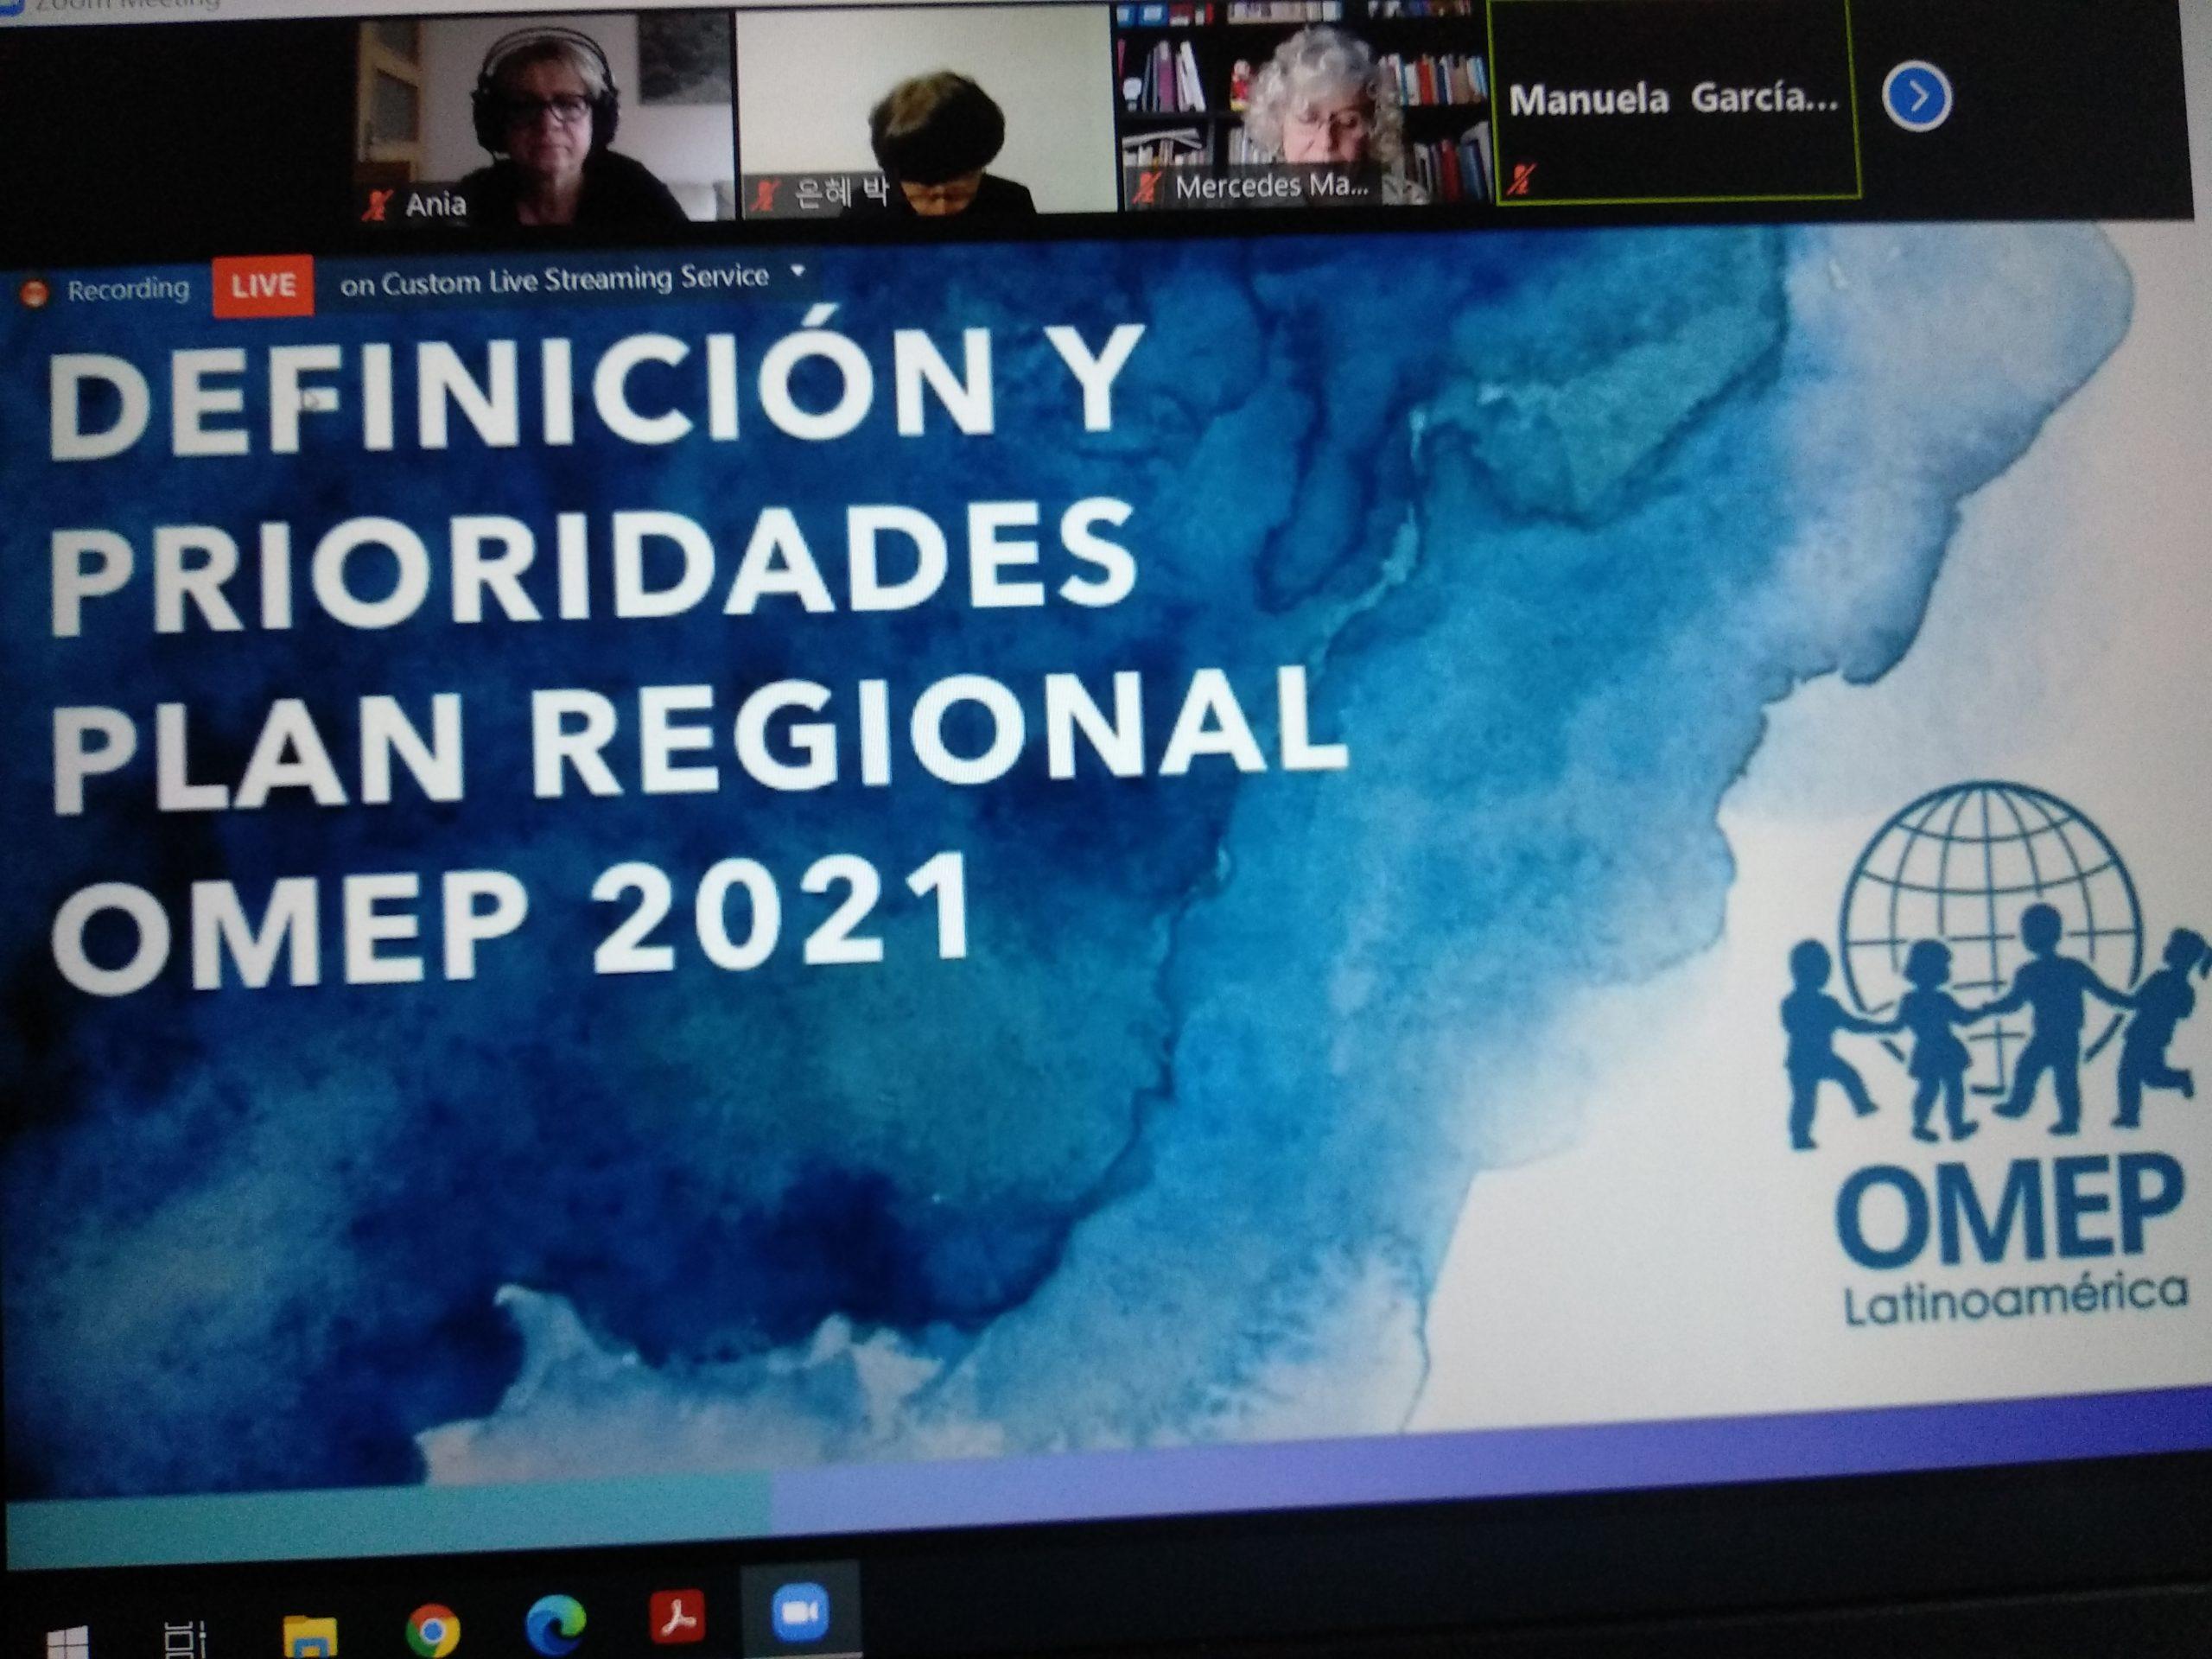 Sprawozdanie z Wirtualnego Światowego Zgromadzenia OMEP 2020